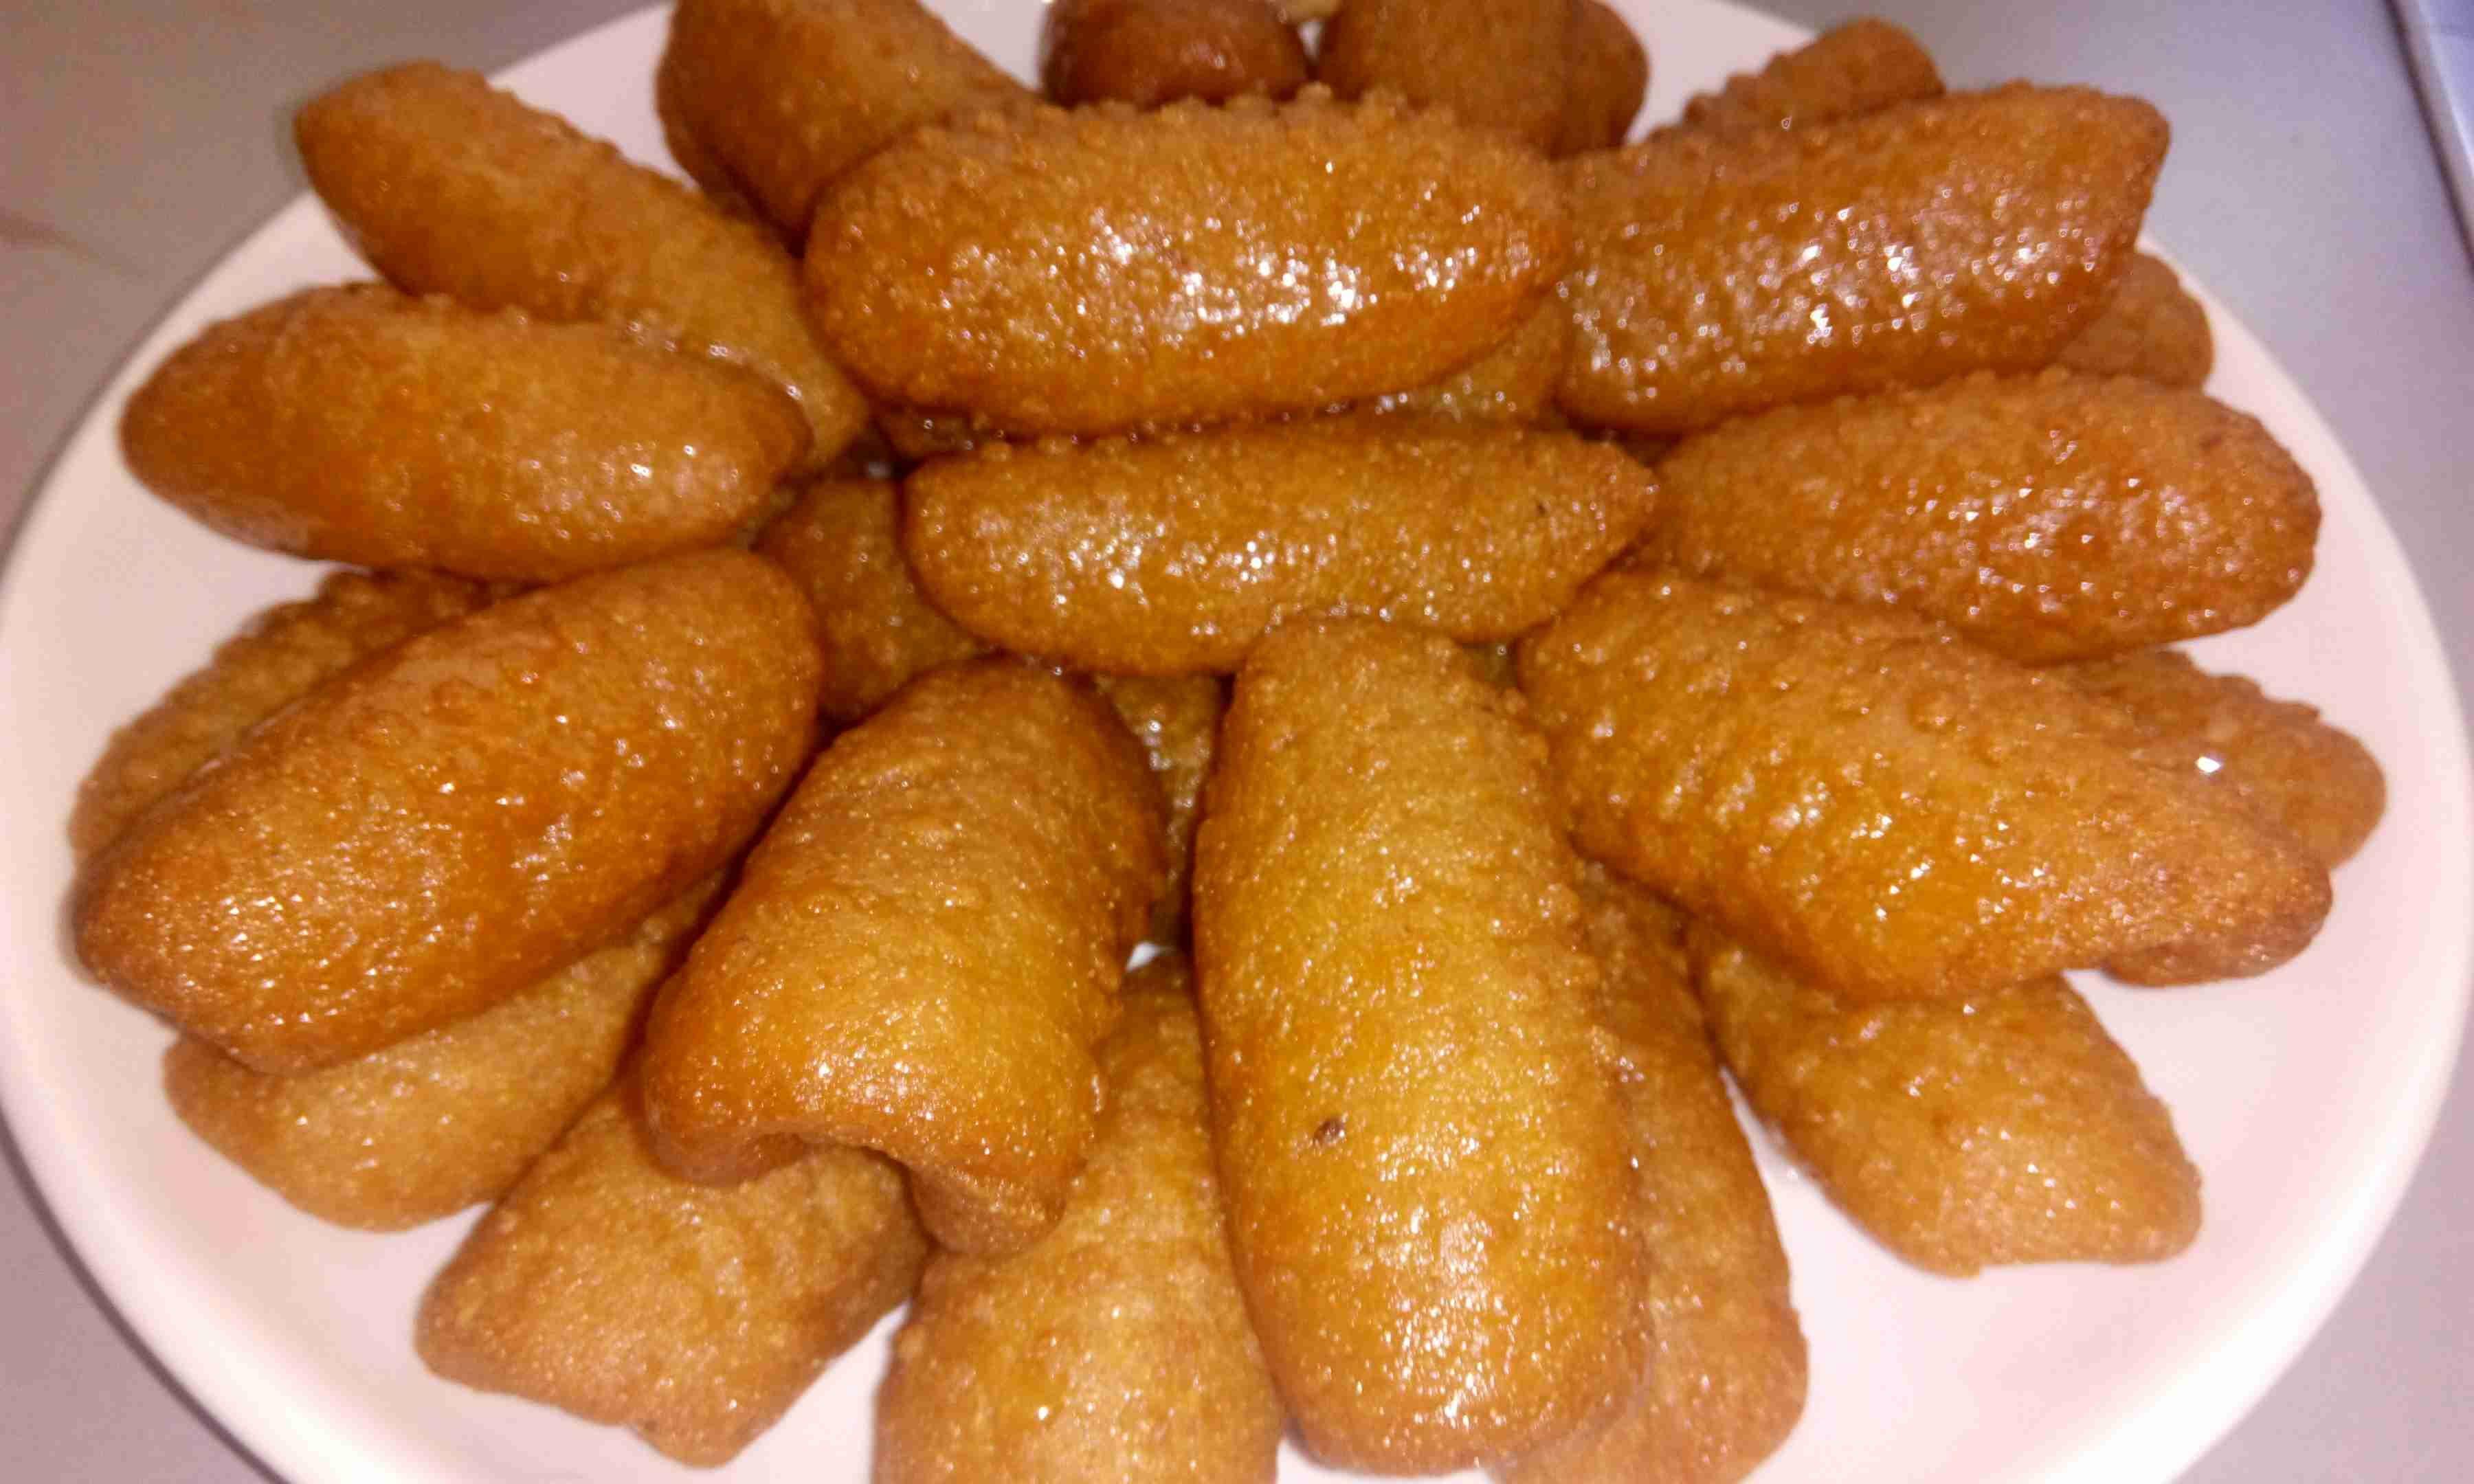 اصابع زينب المقرمشة معكرون طعم روووعة لذيذة ومقرمشة وسهلة التحضير ولاخذ القرمشة ولتاني يوم اتباع نفس الطريقة Food Arabic Sweets Sausage